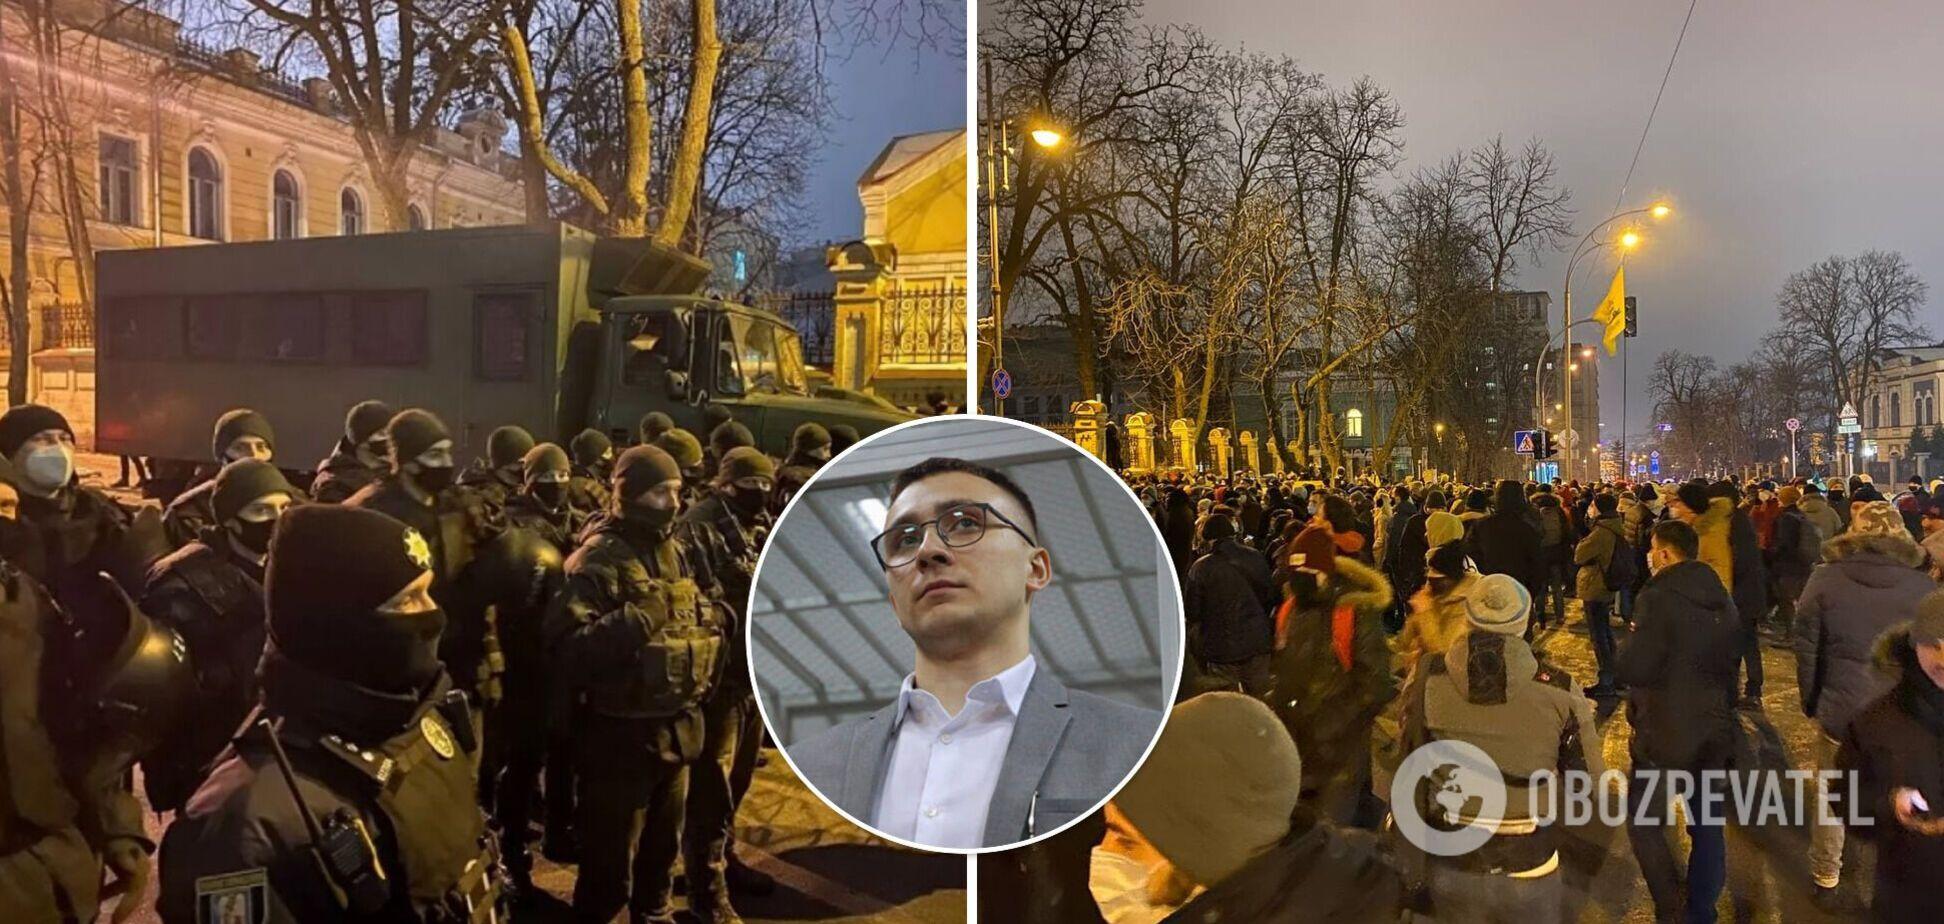 'Слуги народа' высказались о столкновениях в Киеве из-за приговора Стерненко